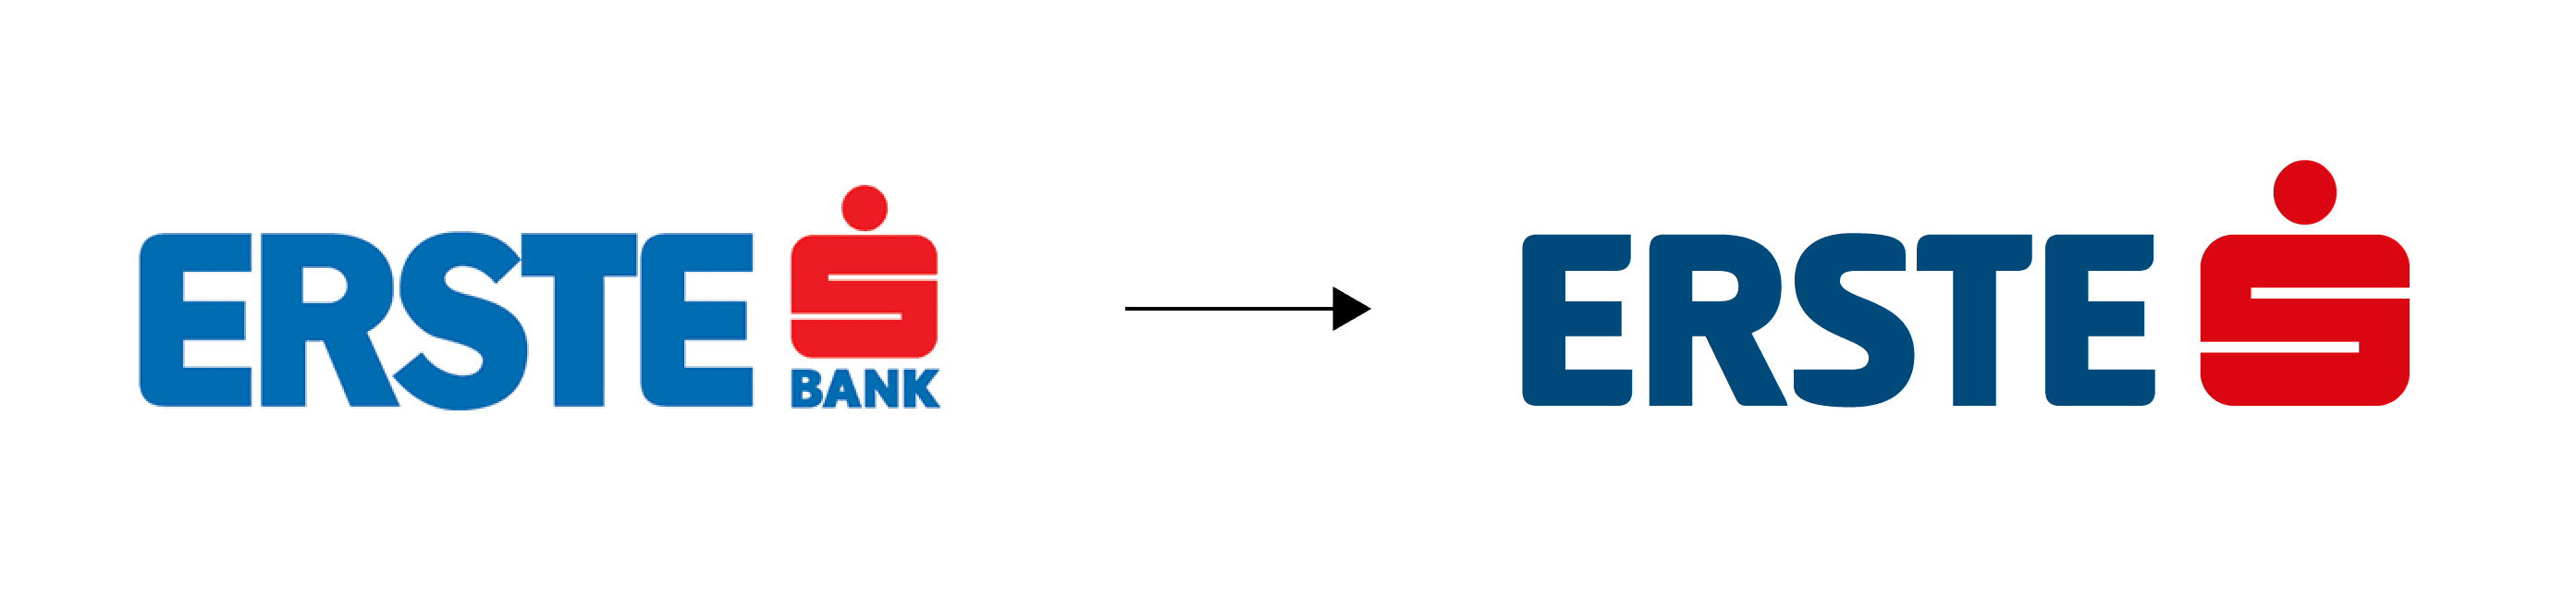 Erste Group Bank AG Logo Transformation